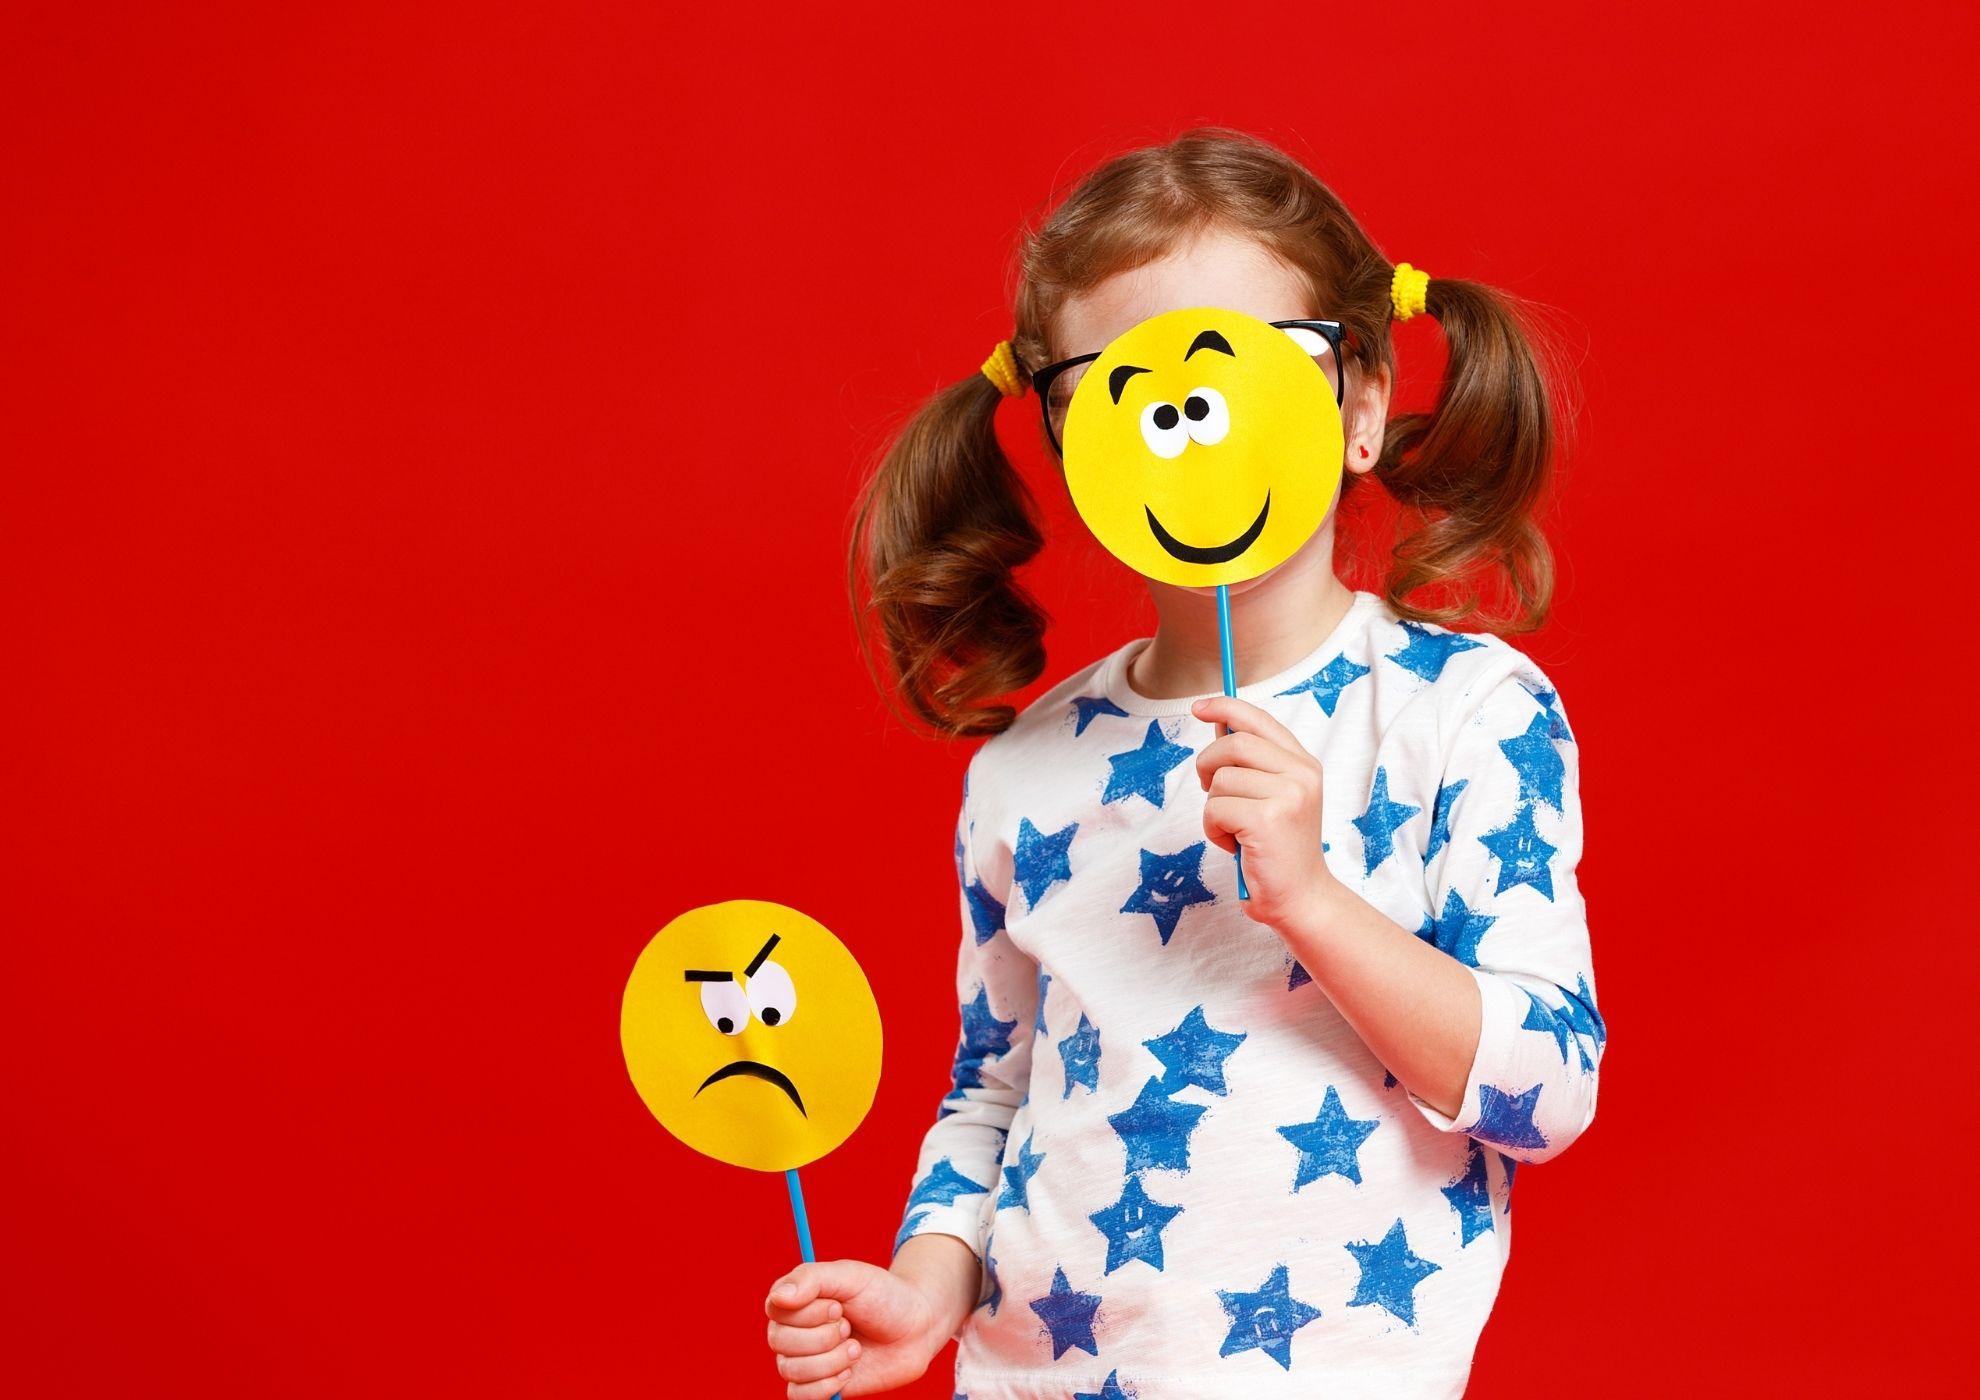 Una niña juega con dos caretas que representan la emoción de la alegría y la tristeza.